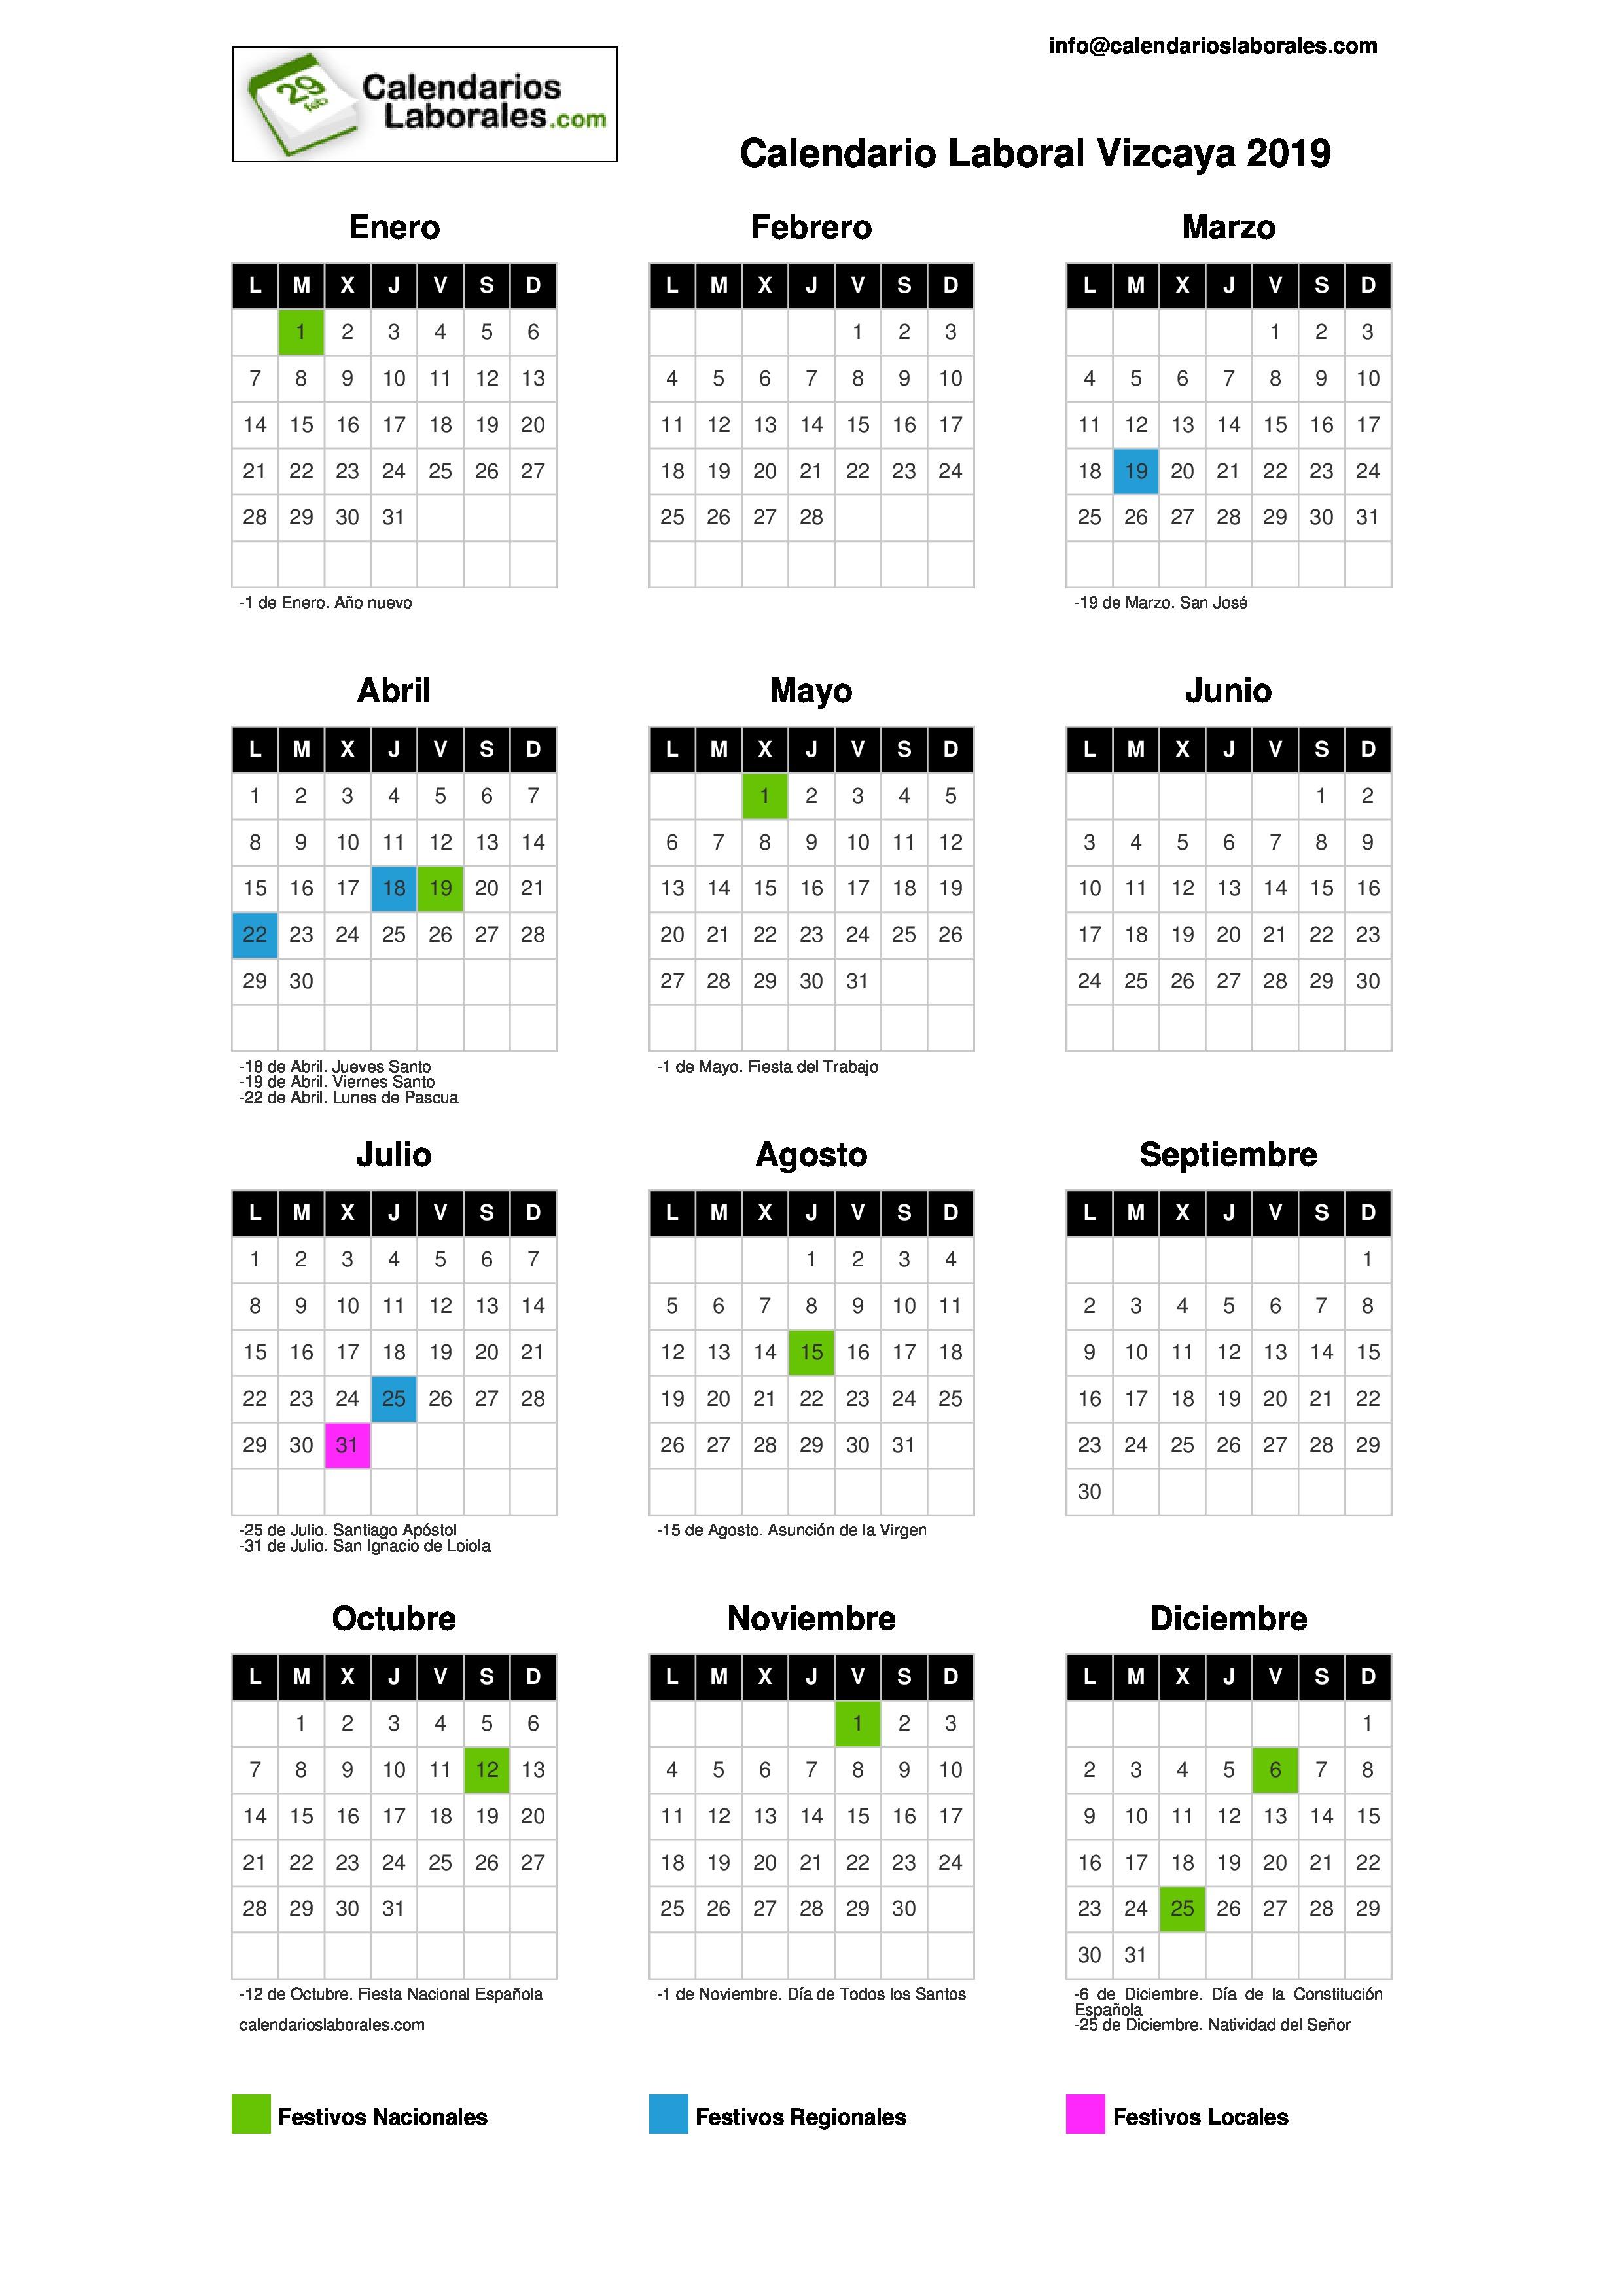 Julio Calendario.Calendario Laboral Vizcaya 2019